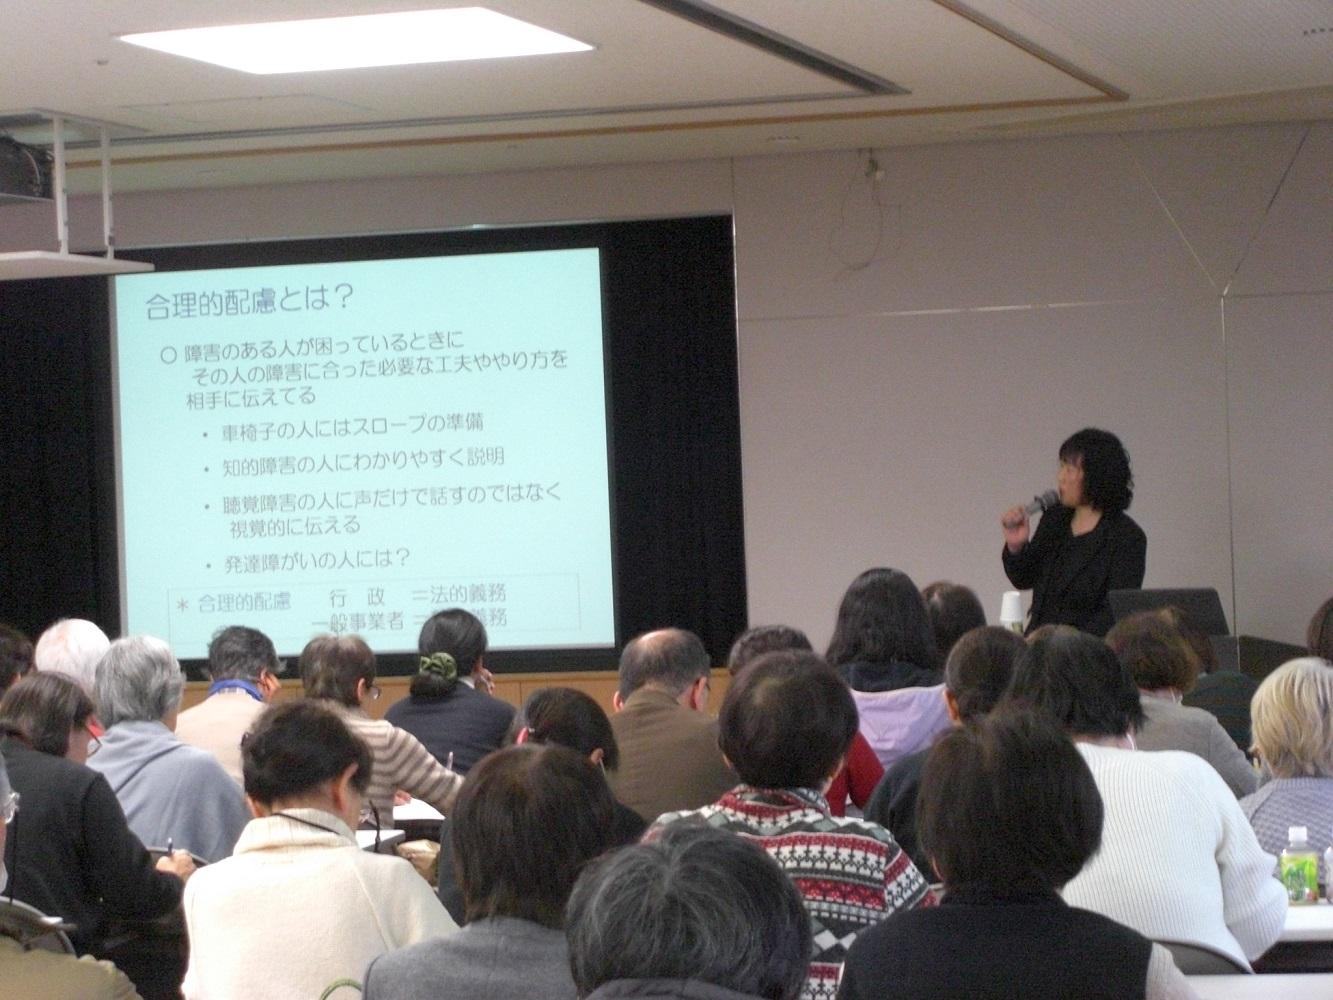 平成30年度第5回フォローアップ研修会「発達障がいへの理解」を開催しました。